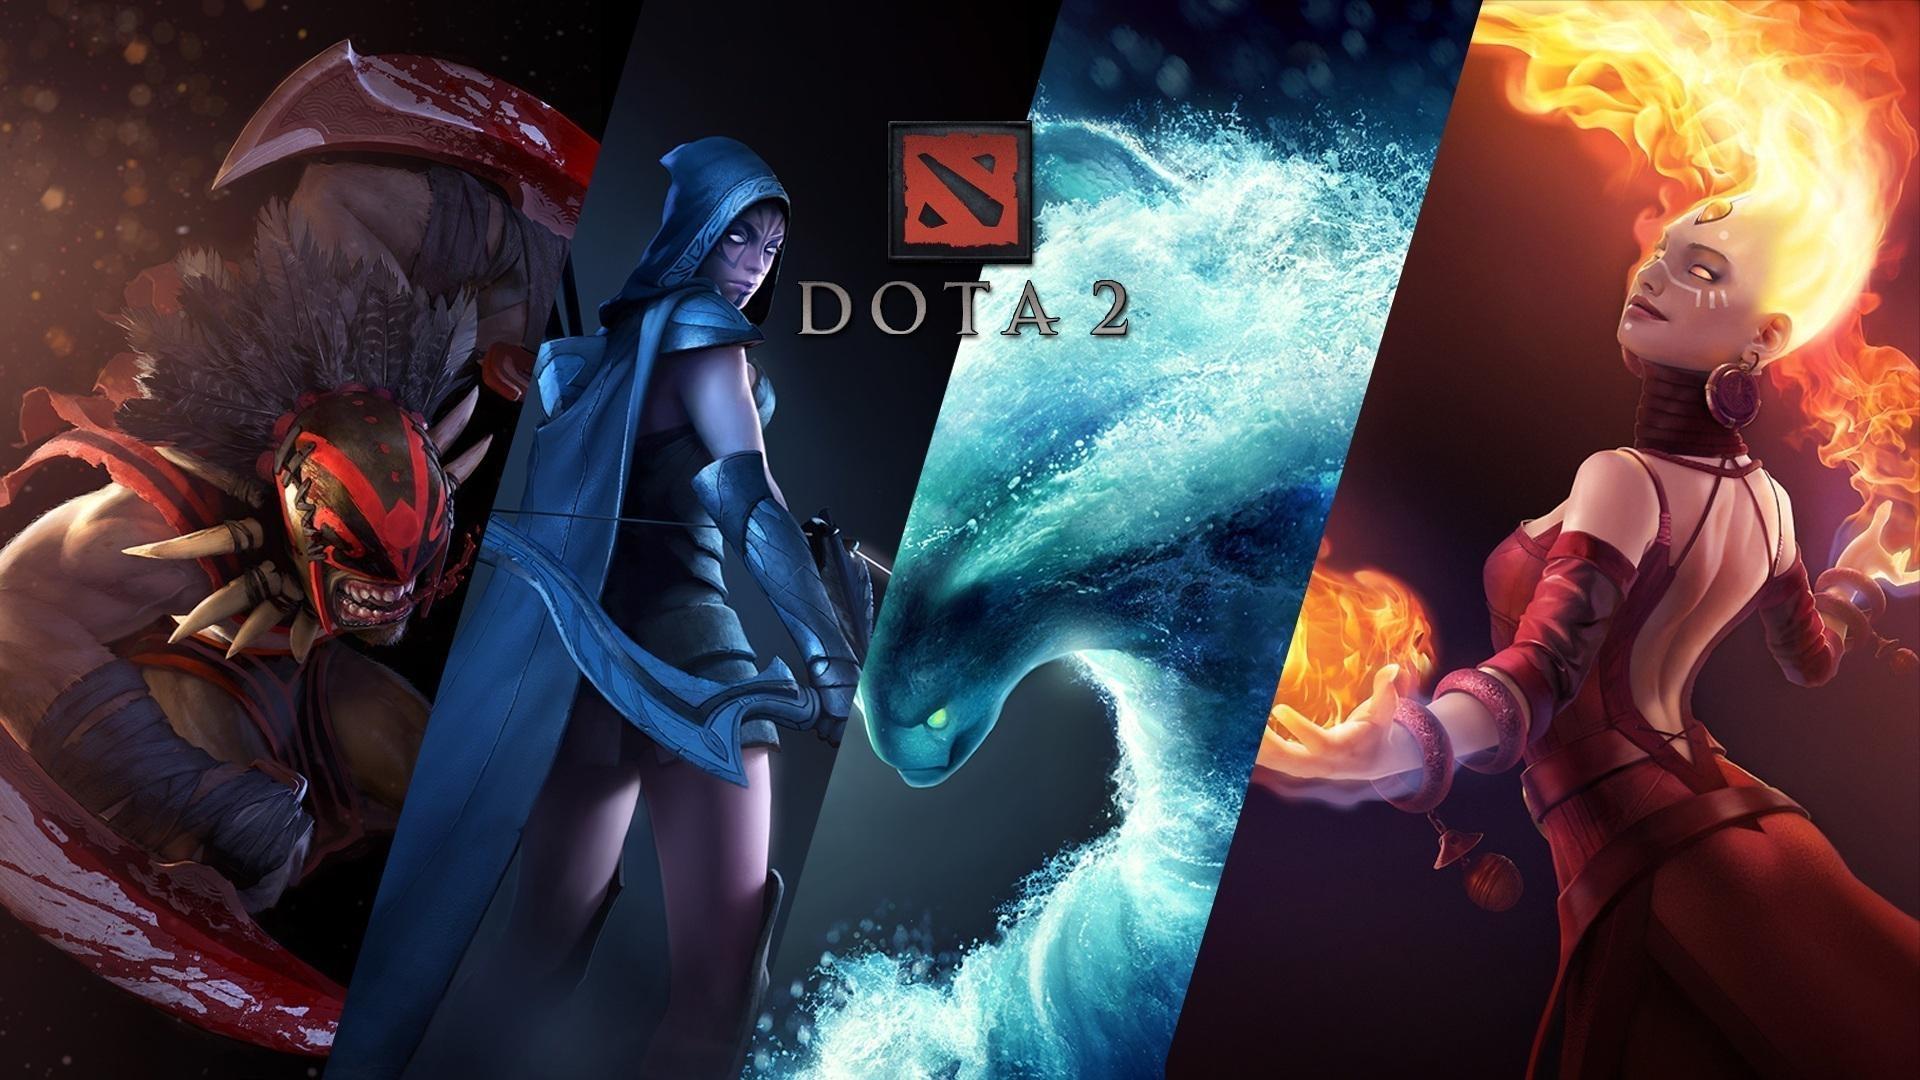 dota 2 wallpapers | best wallpapers